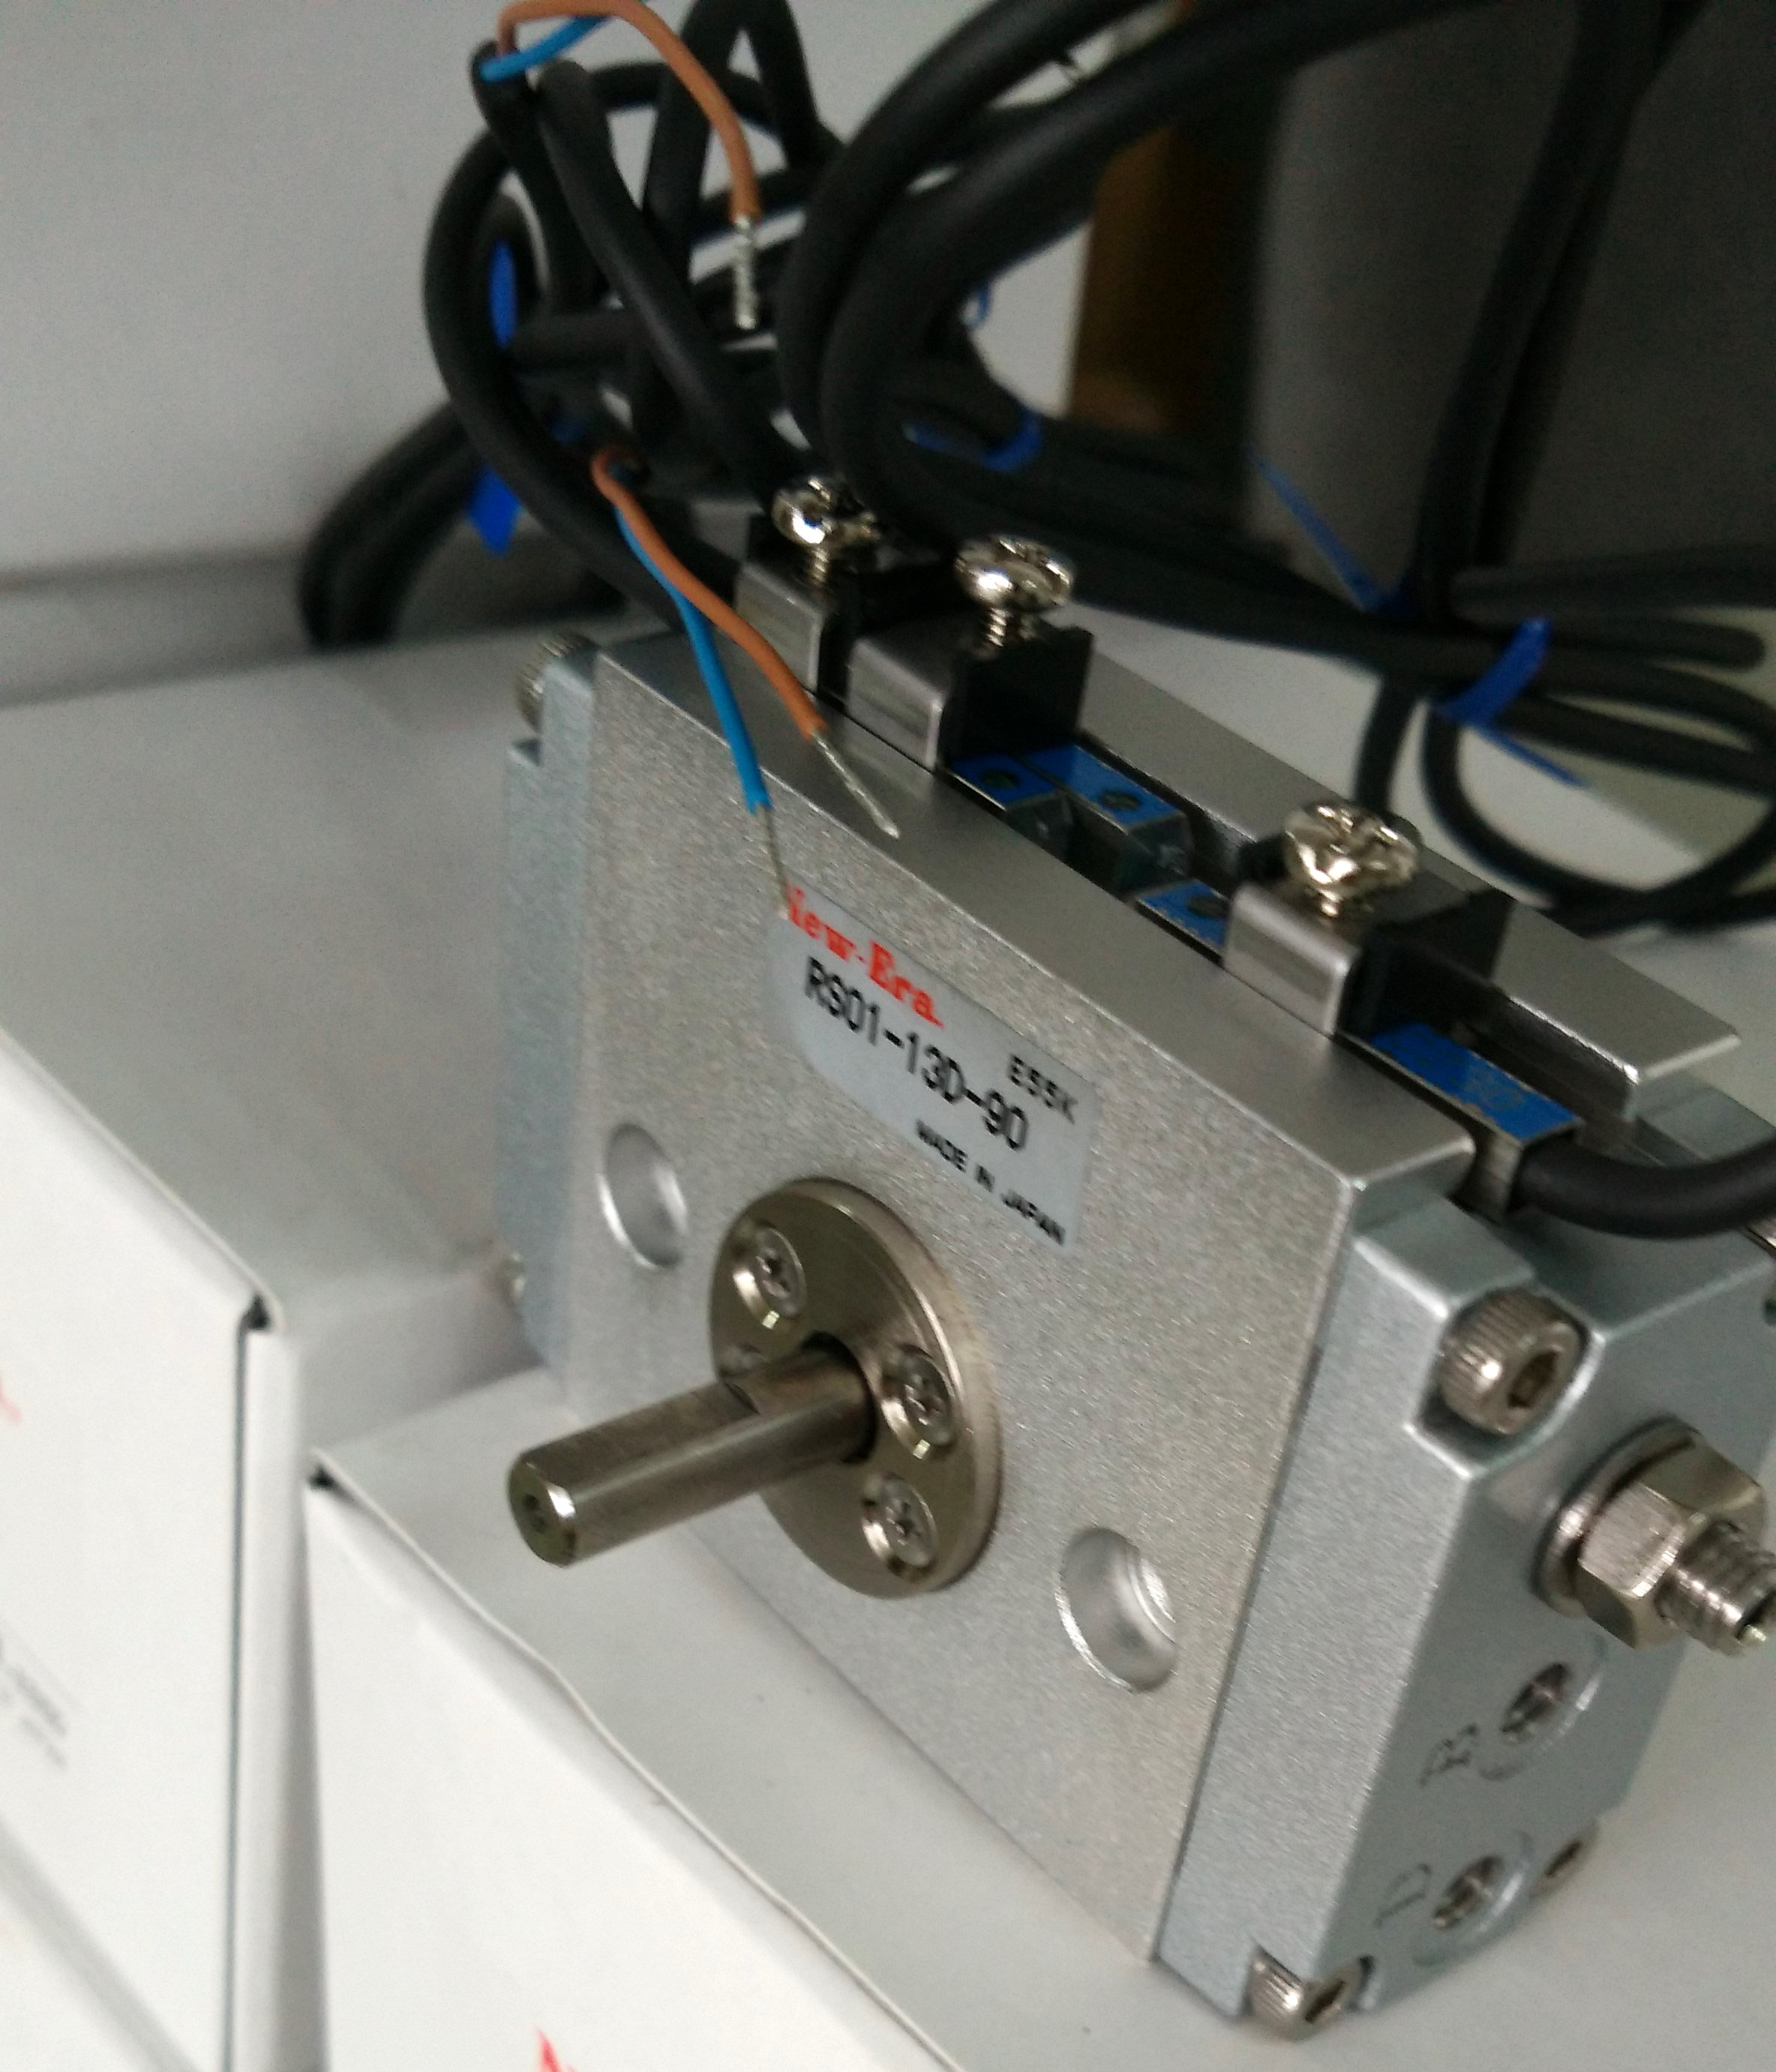 日本New-Era株式会社是全球著名精密气动元件生产厂家。其研制生产的F-系列精密滑台气缸与TZ-系列电磁阀,在业界享有盛誉。TZ系列电磁阀具有流量大;体积小;耗电量底等特点。主要应用领域:电子设备、纺织、医疗设备、检测设备、IC卡等等。 NEW-ERA回转气缸工作原理: 即进排气导管和导气头都固定而气缸本体则可以相对转动并且作用于机床夹具和线材卷曲装置上的一种气缸,是引导活塞在其中进行直线往复运动的圆筒形金属机件。 主要由导气头、缸体、活塞及活塞杆组成。回转气缸工作时,外力带动缸体、缸盖及导气头回转,而